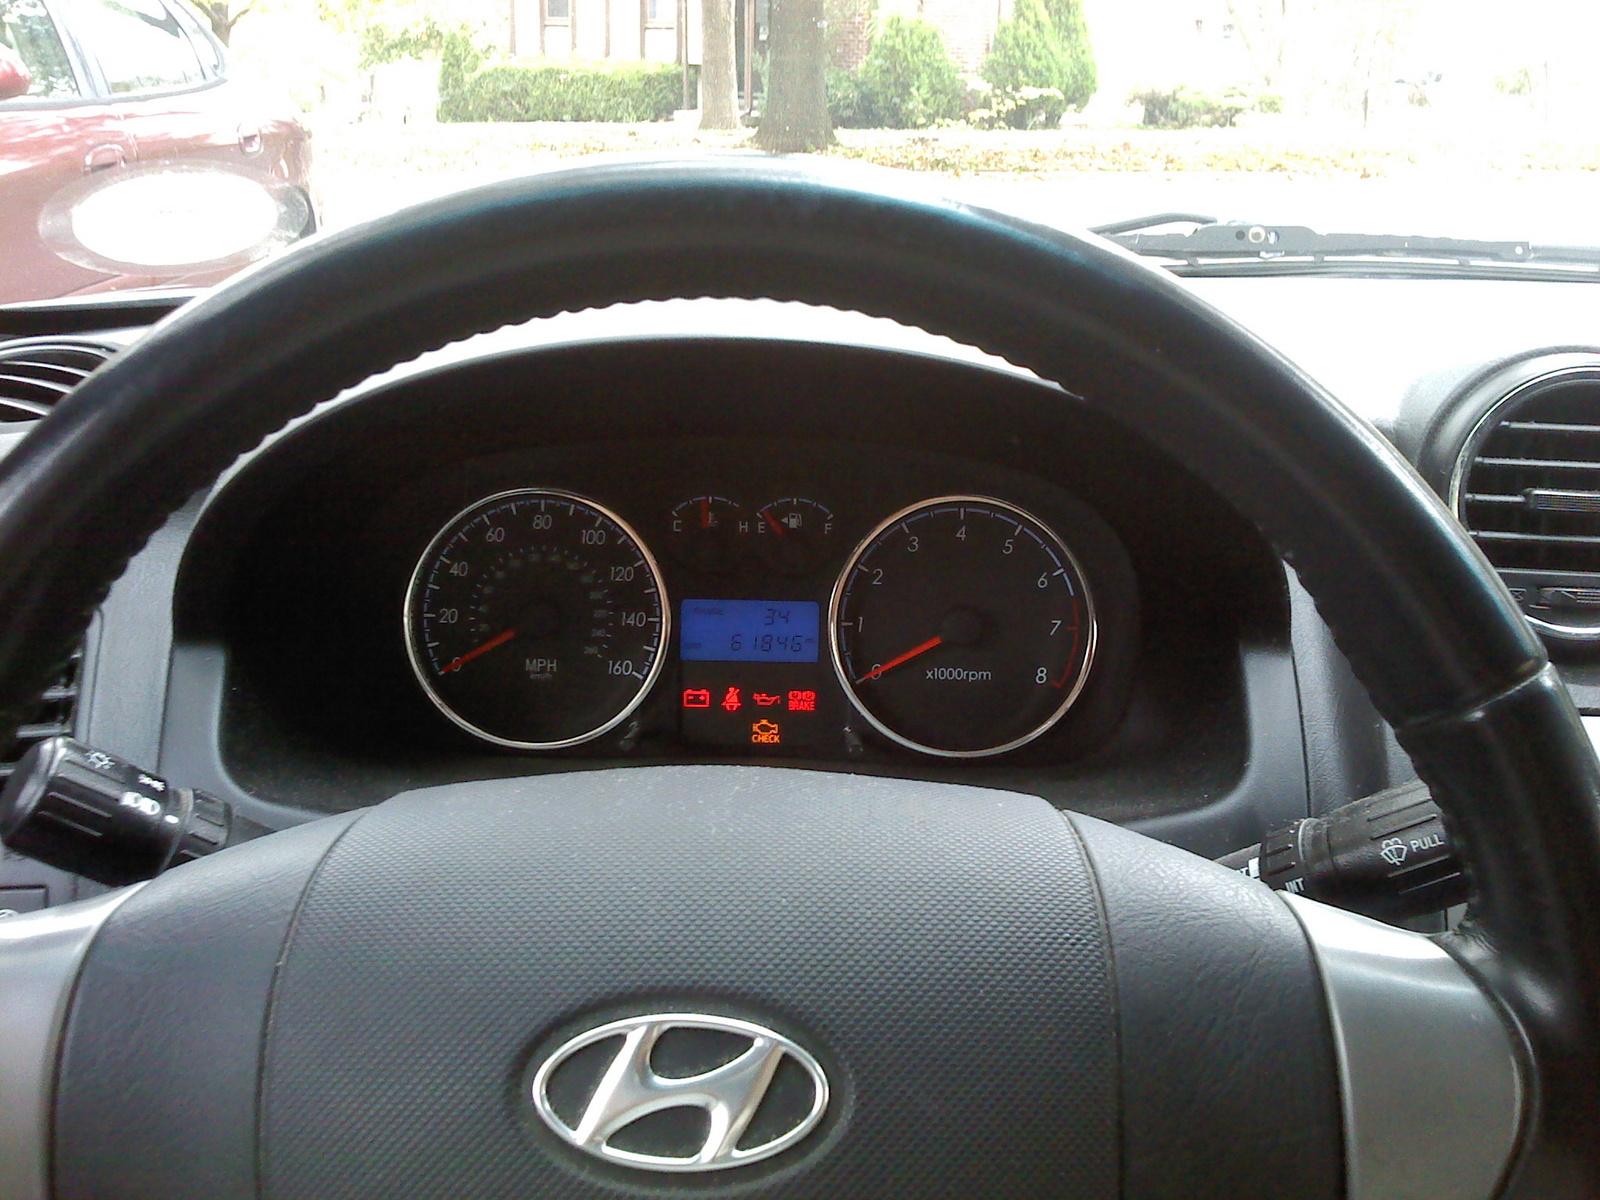 2007 Hyundai Tiburon Interior Pictures CarGurus